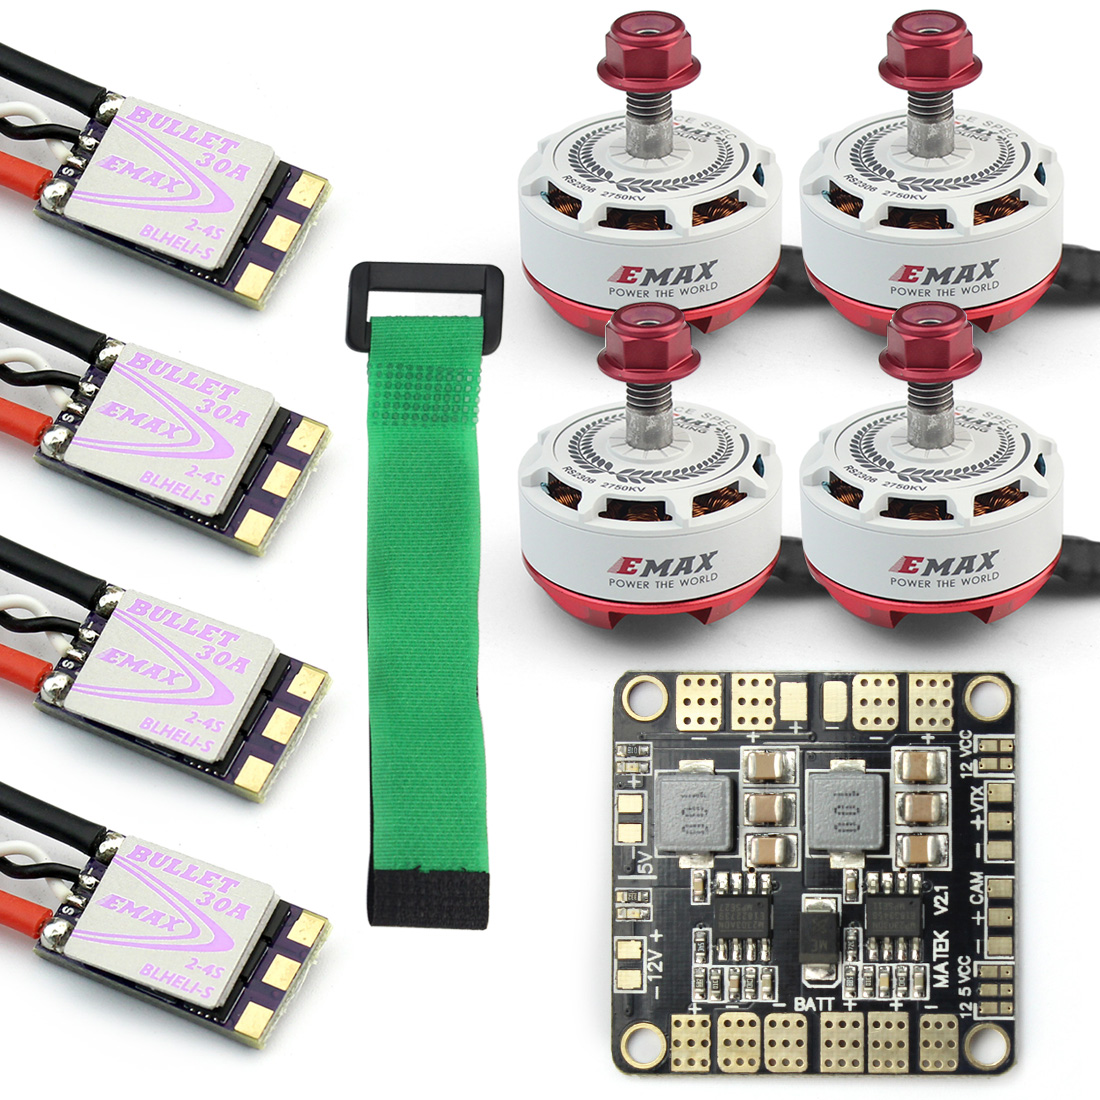 Mini RC Racing Drone 4x EMAX RS2306-2750KV & Mini ESC Dshot BLS Bullet 30A Brushless Motor ESC Combo + Power Distribution Board 4x emax mt2216 810kv brushless motor 4x emax blheli 30a brushless esc for x525 f450 550 multirotor quadcopter